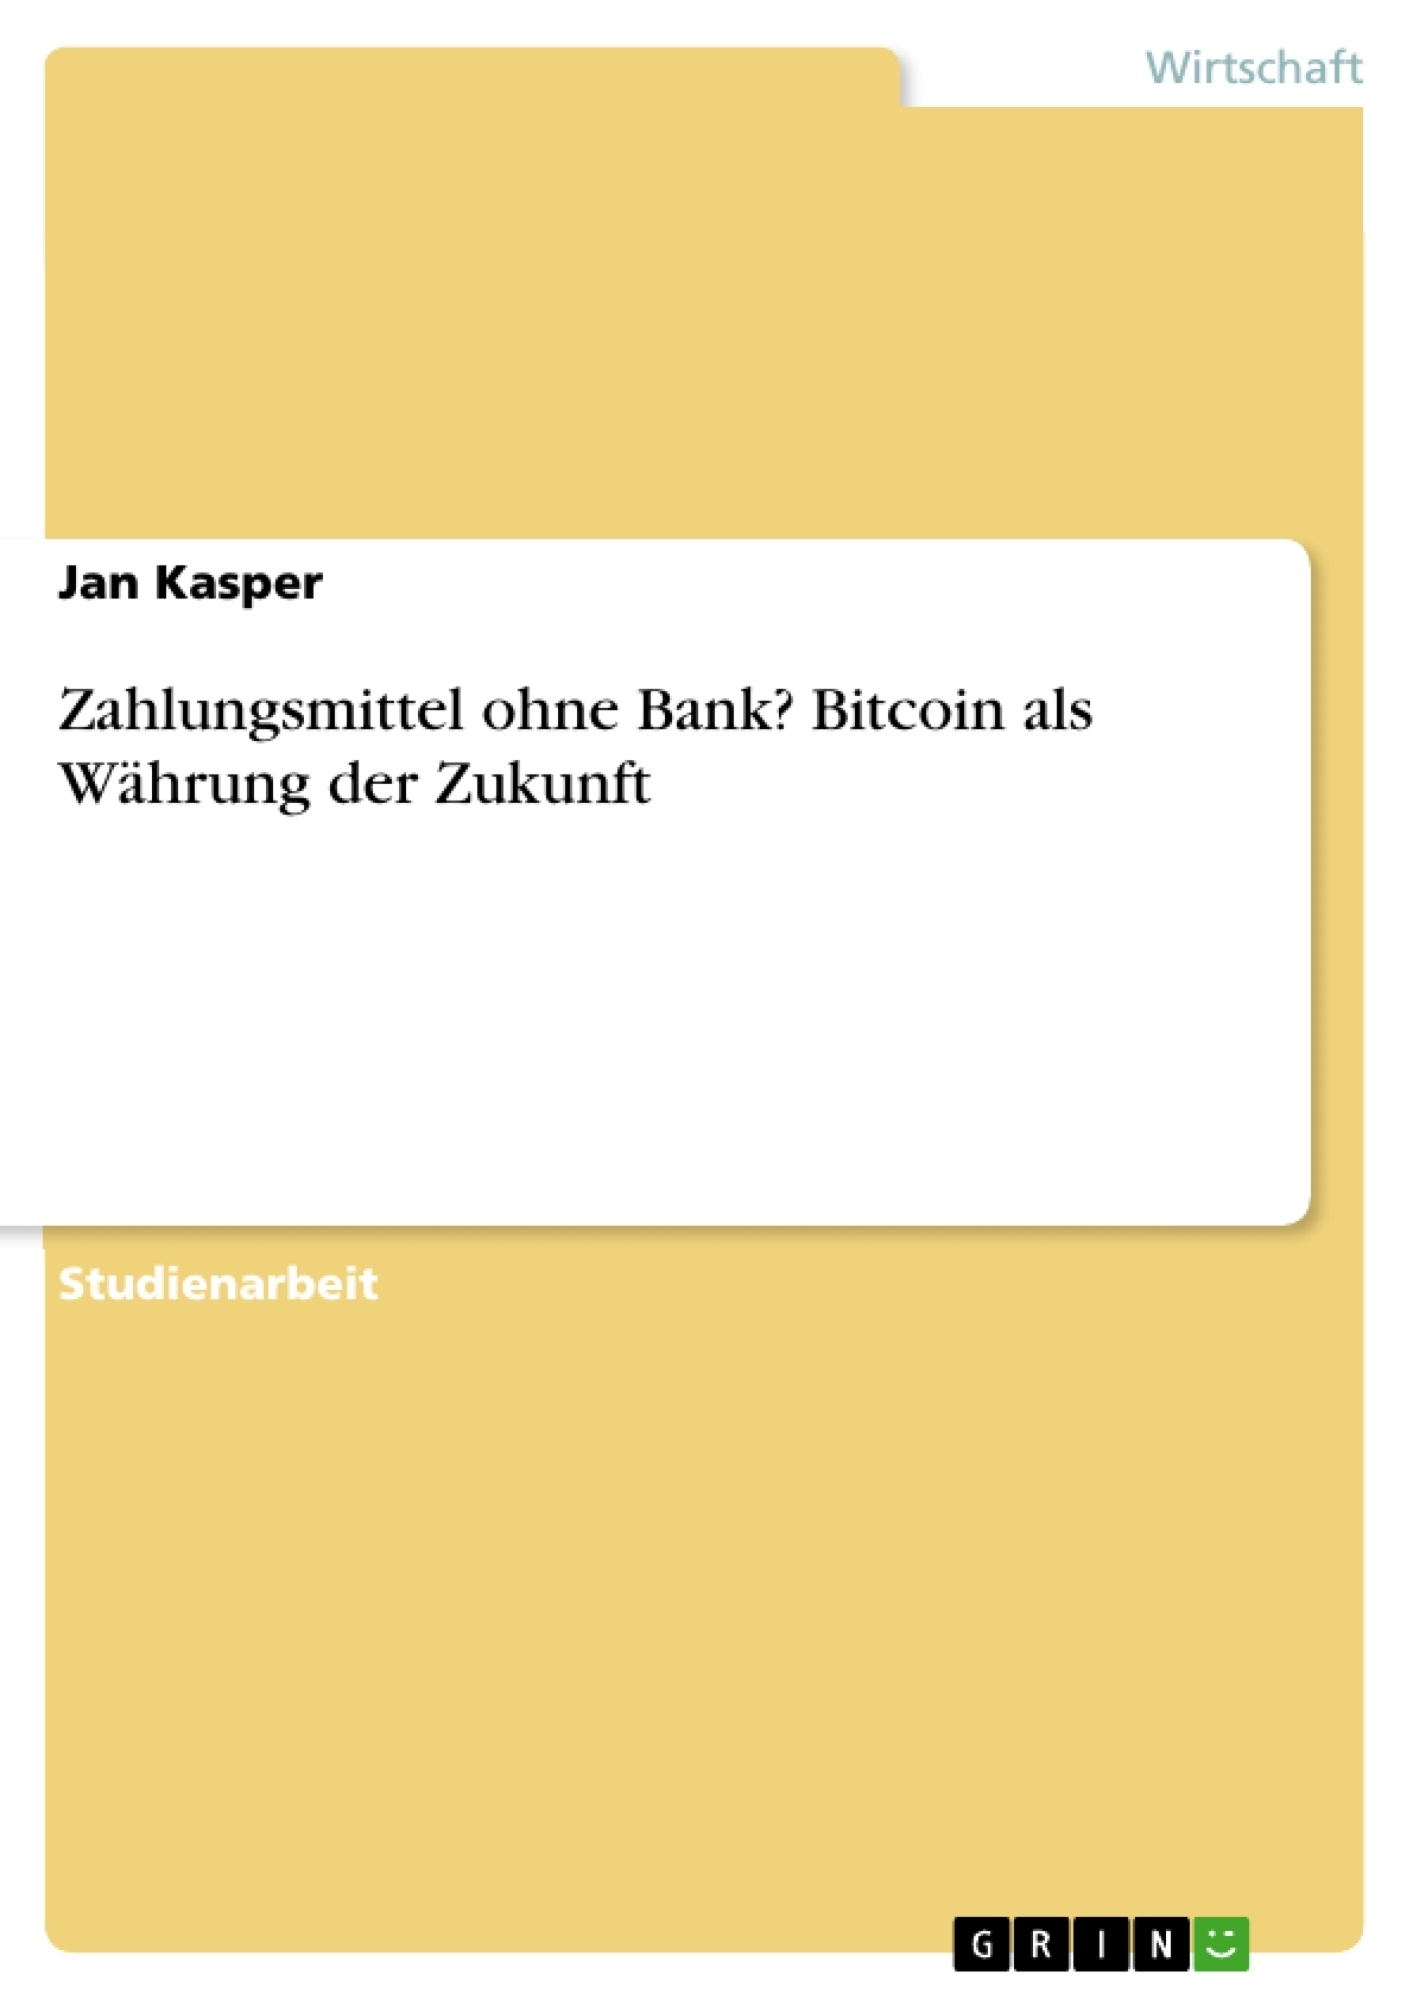 Titel: Zahlungsmittel ohne Bank? Bitcoin als Währung der Zukunft